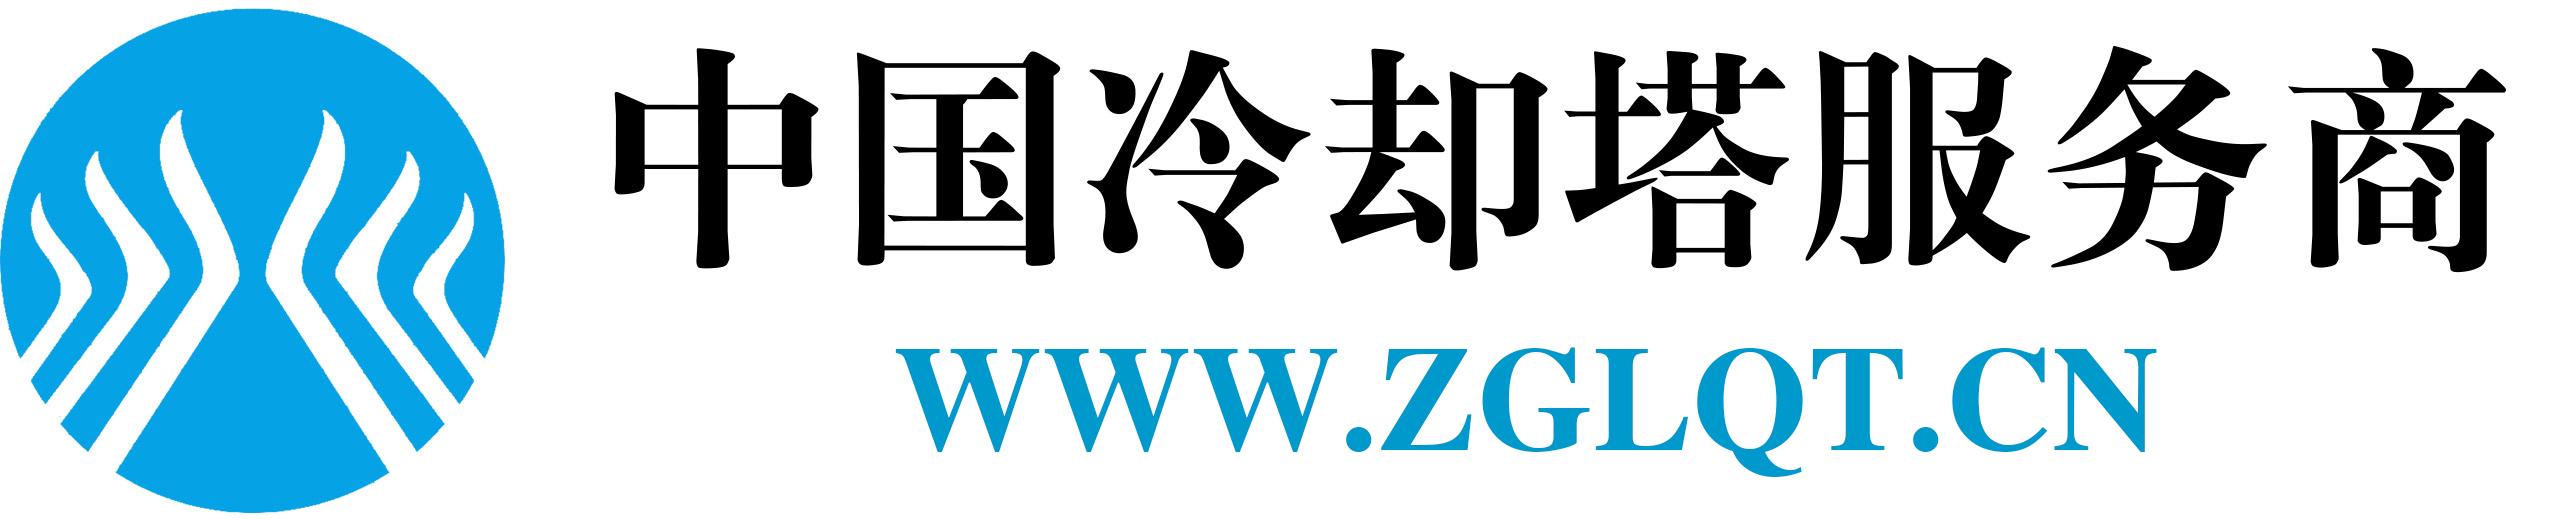 中国冷却塔服务商